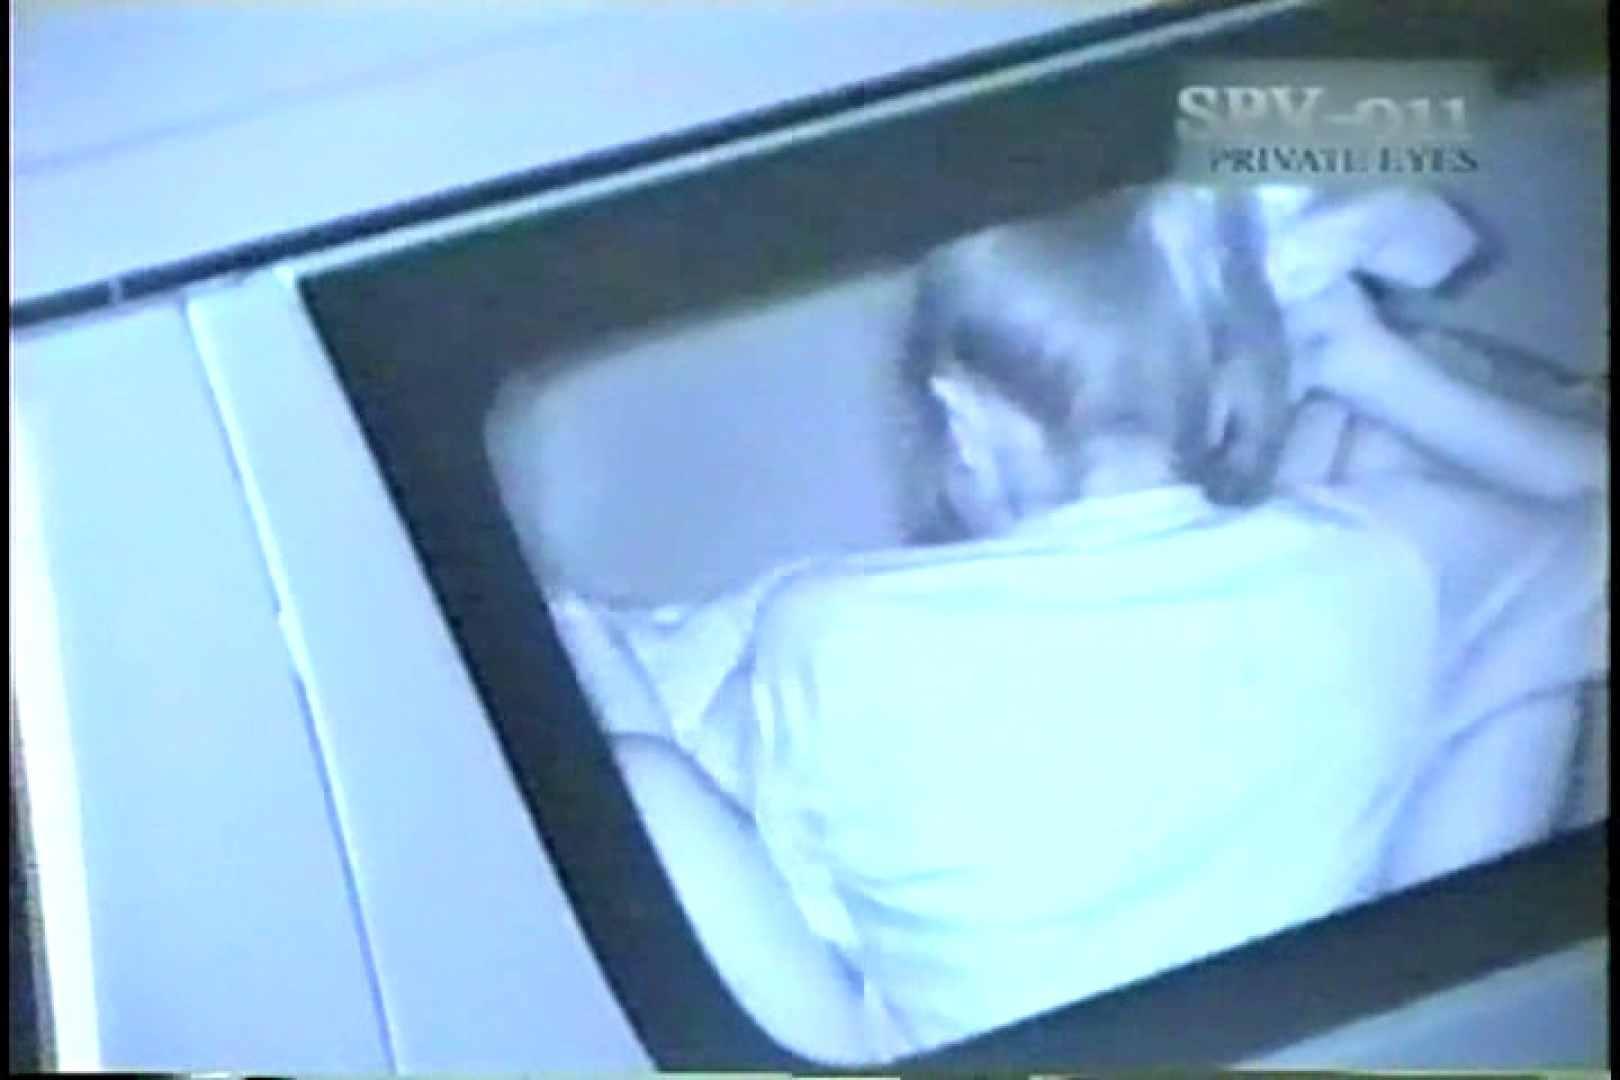 高画質版!SPD-011 盗撮 カーセックス黙示録 (VHS) 盗撮動画 | カーセックス事情  11枚 7